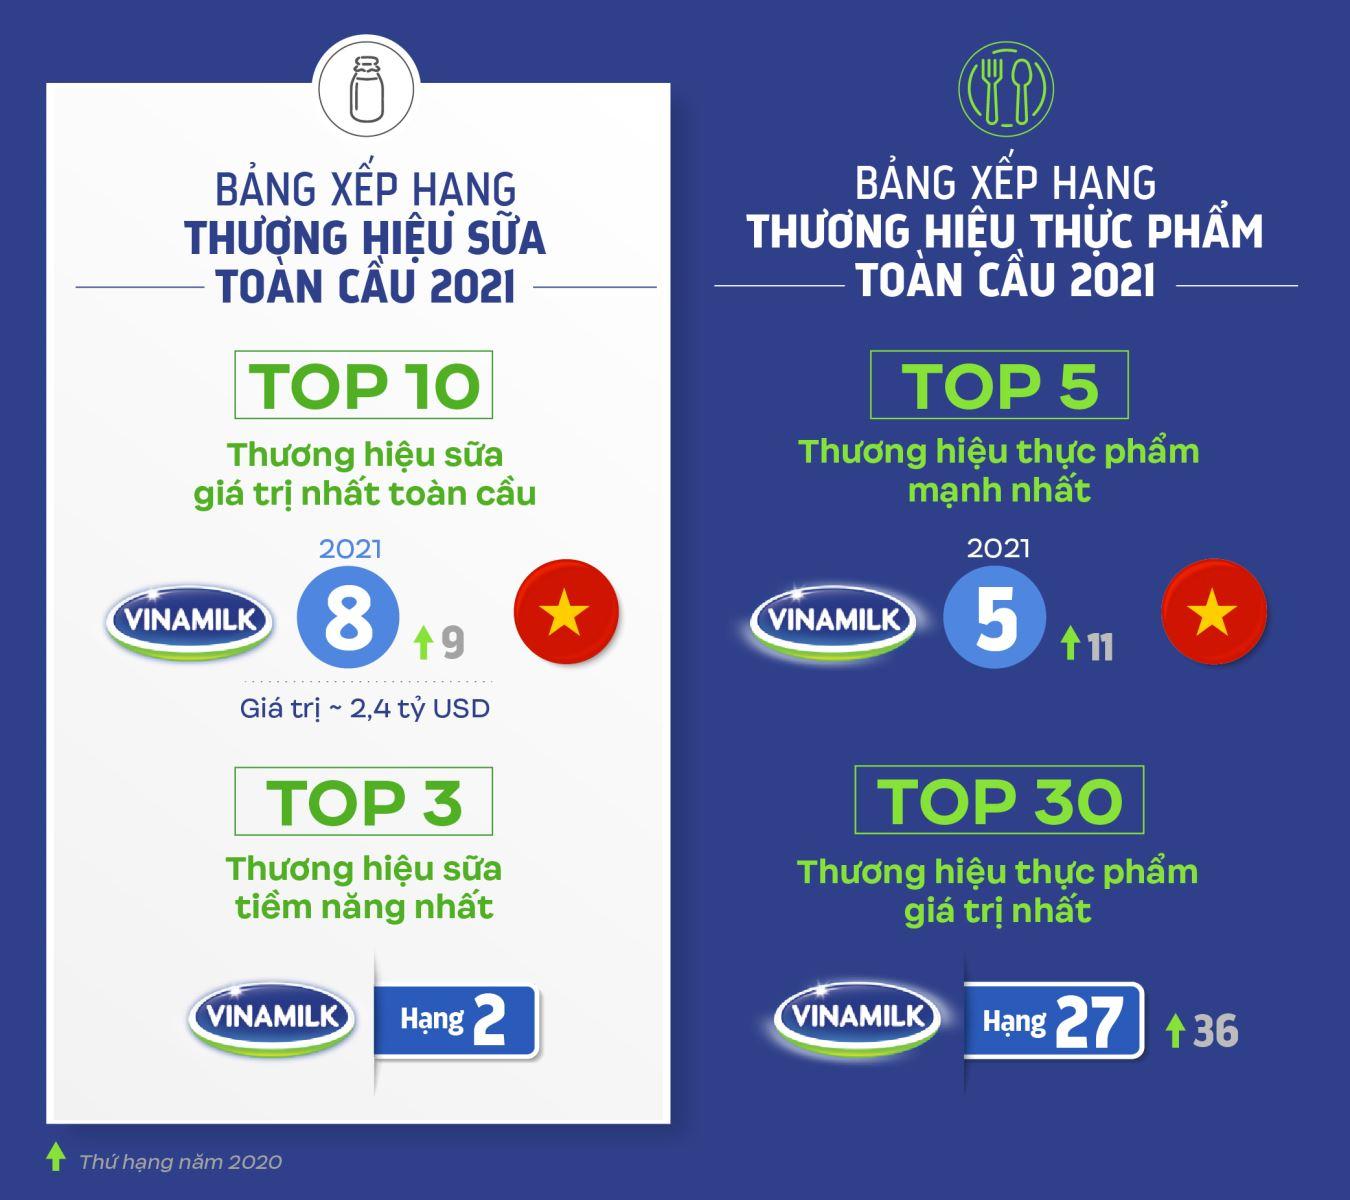 Vinamilk là đại diện duy nhất của khu vực Đông Nam Á góp mặt trong 4 bảng xếp hạng toàn cầu